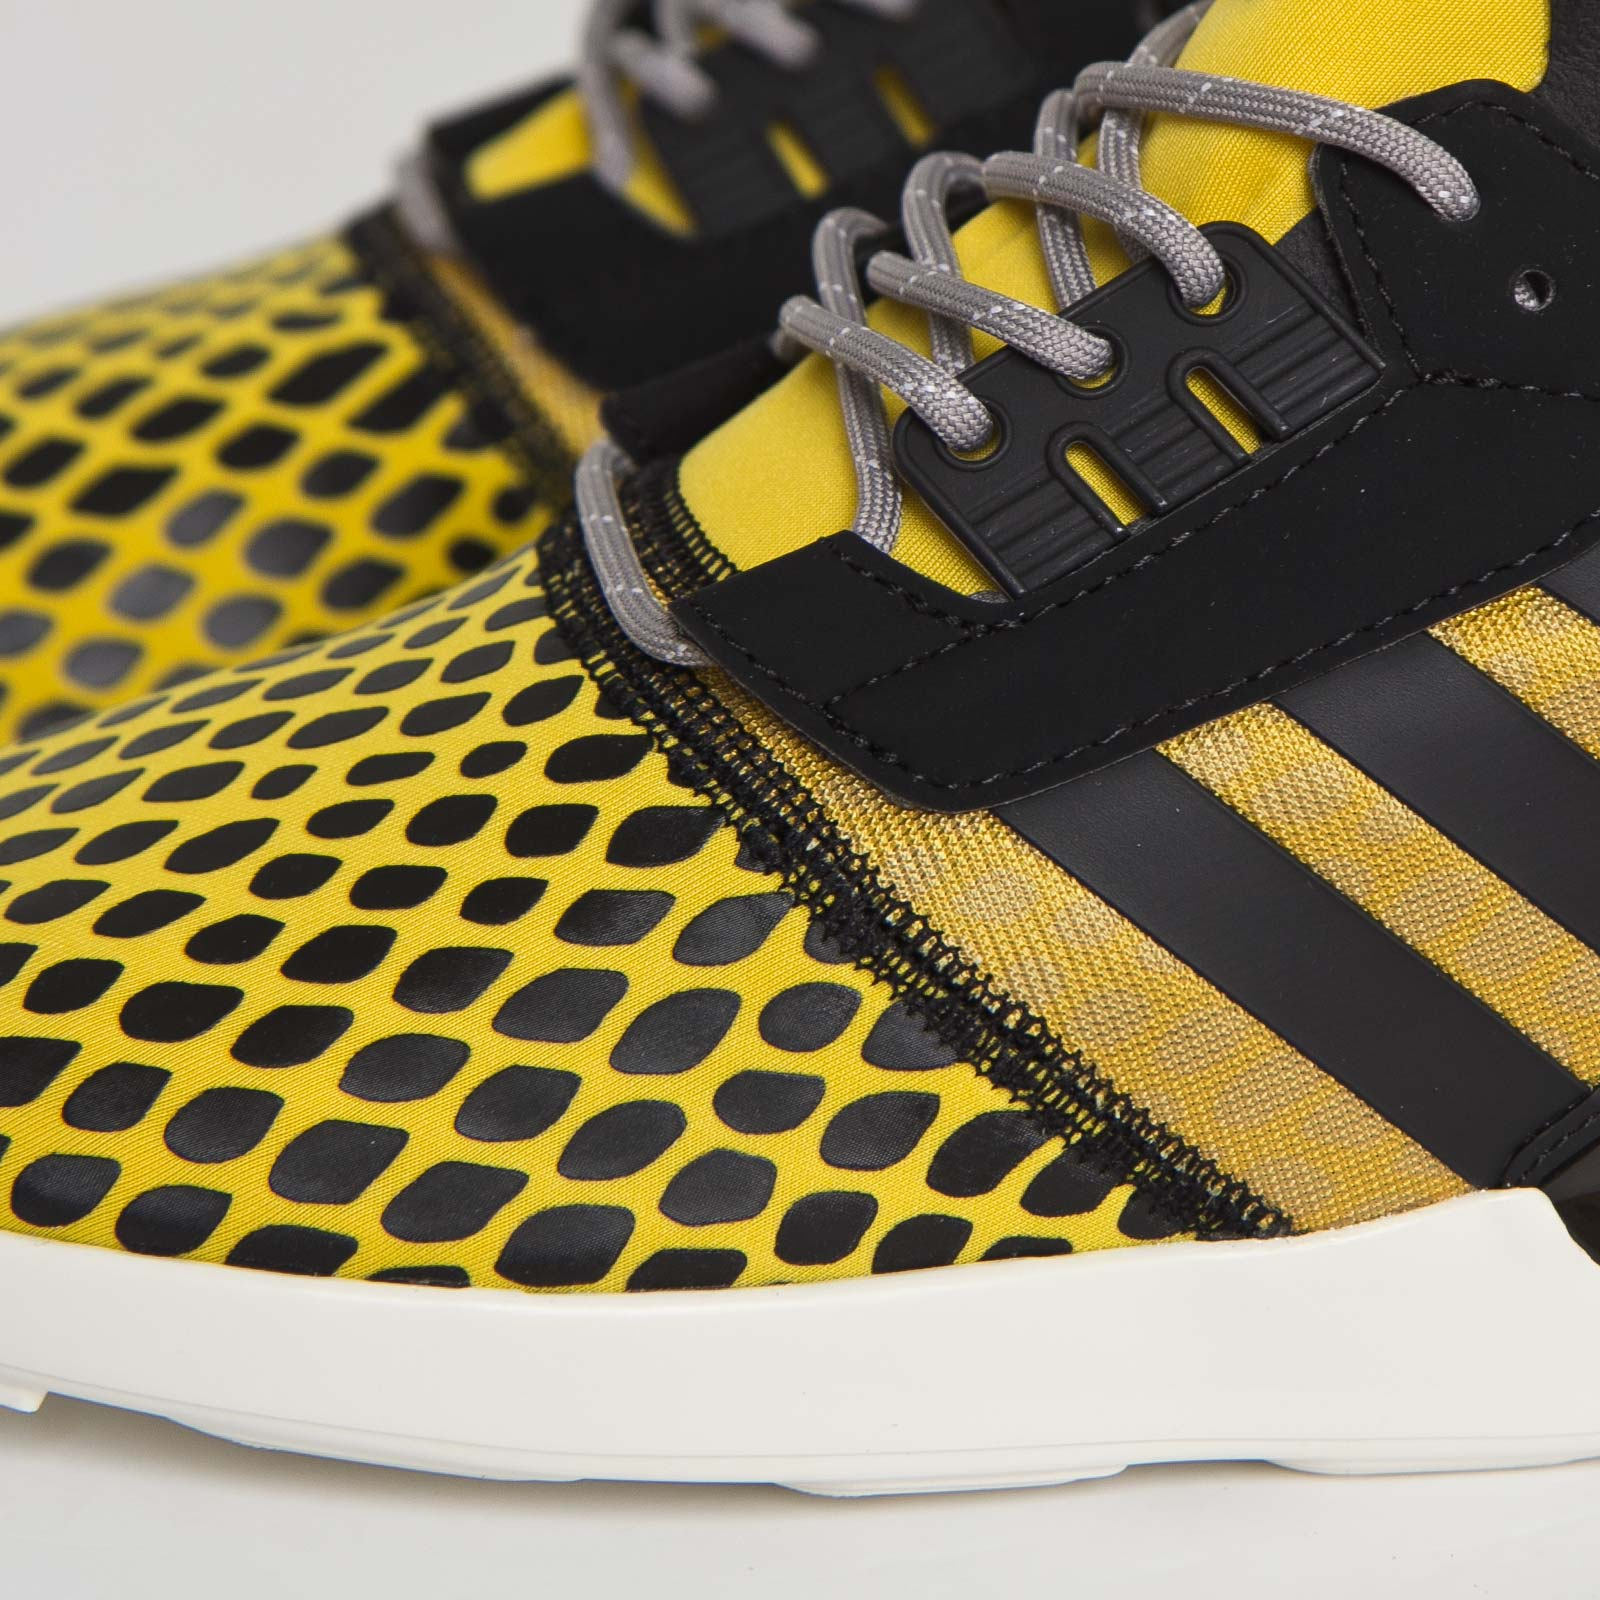 best sneakers 67b8e 53d2e ... adidas ZX 8000 Boost